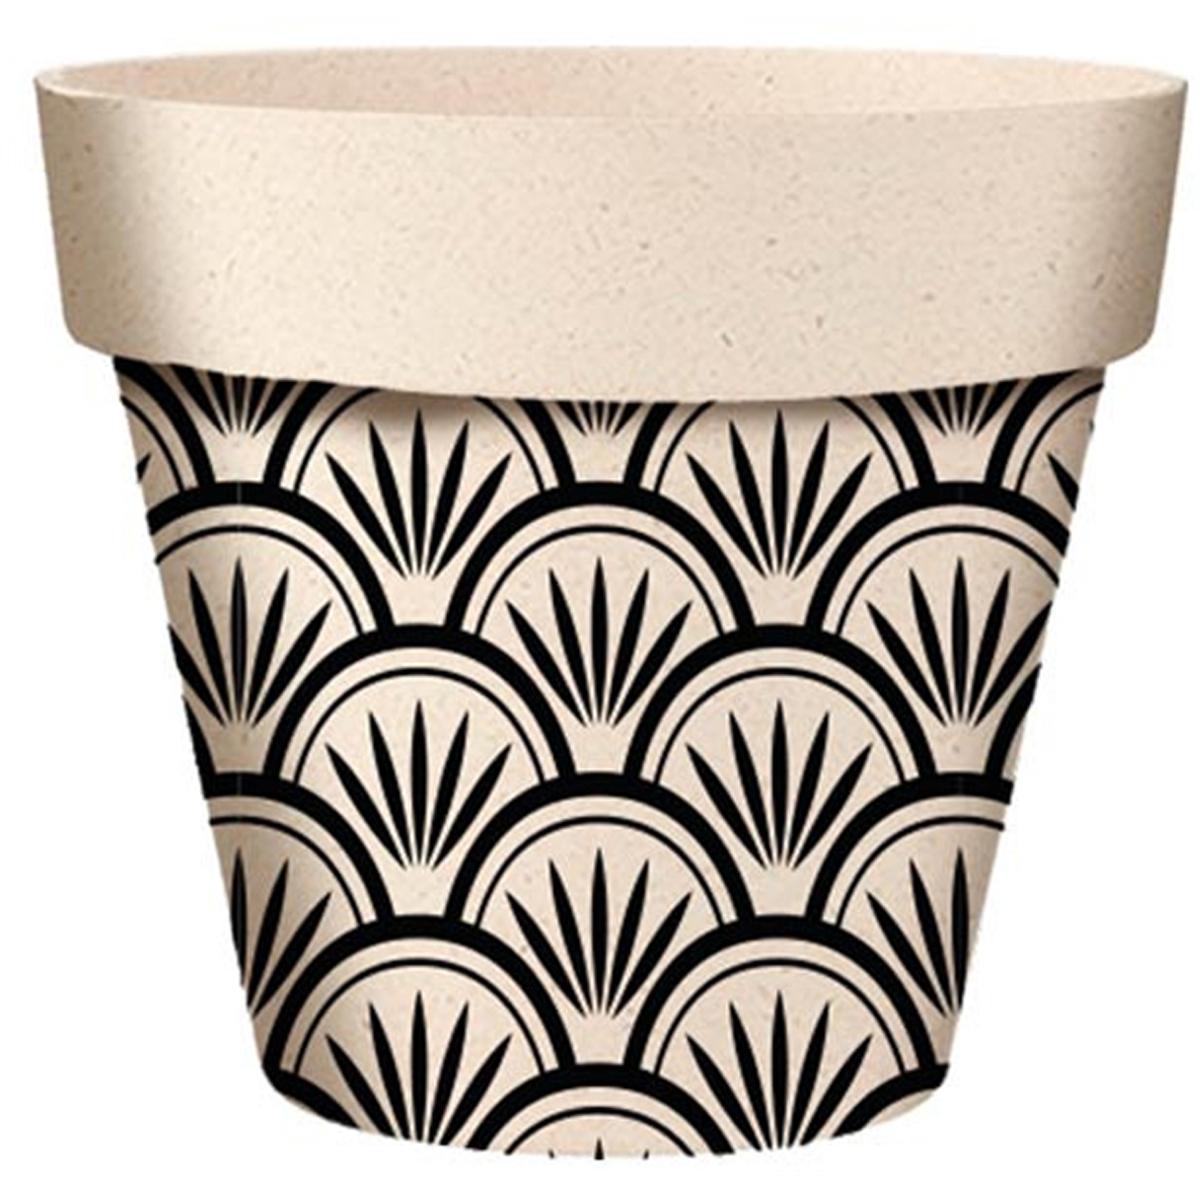 Cache-pot bambou \'Boho\' noir beige -  14x12 cm - [A2057]